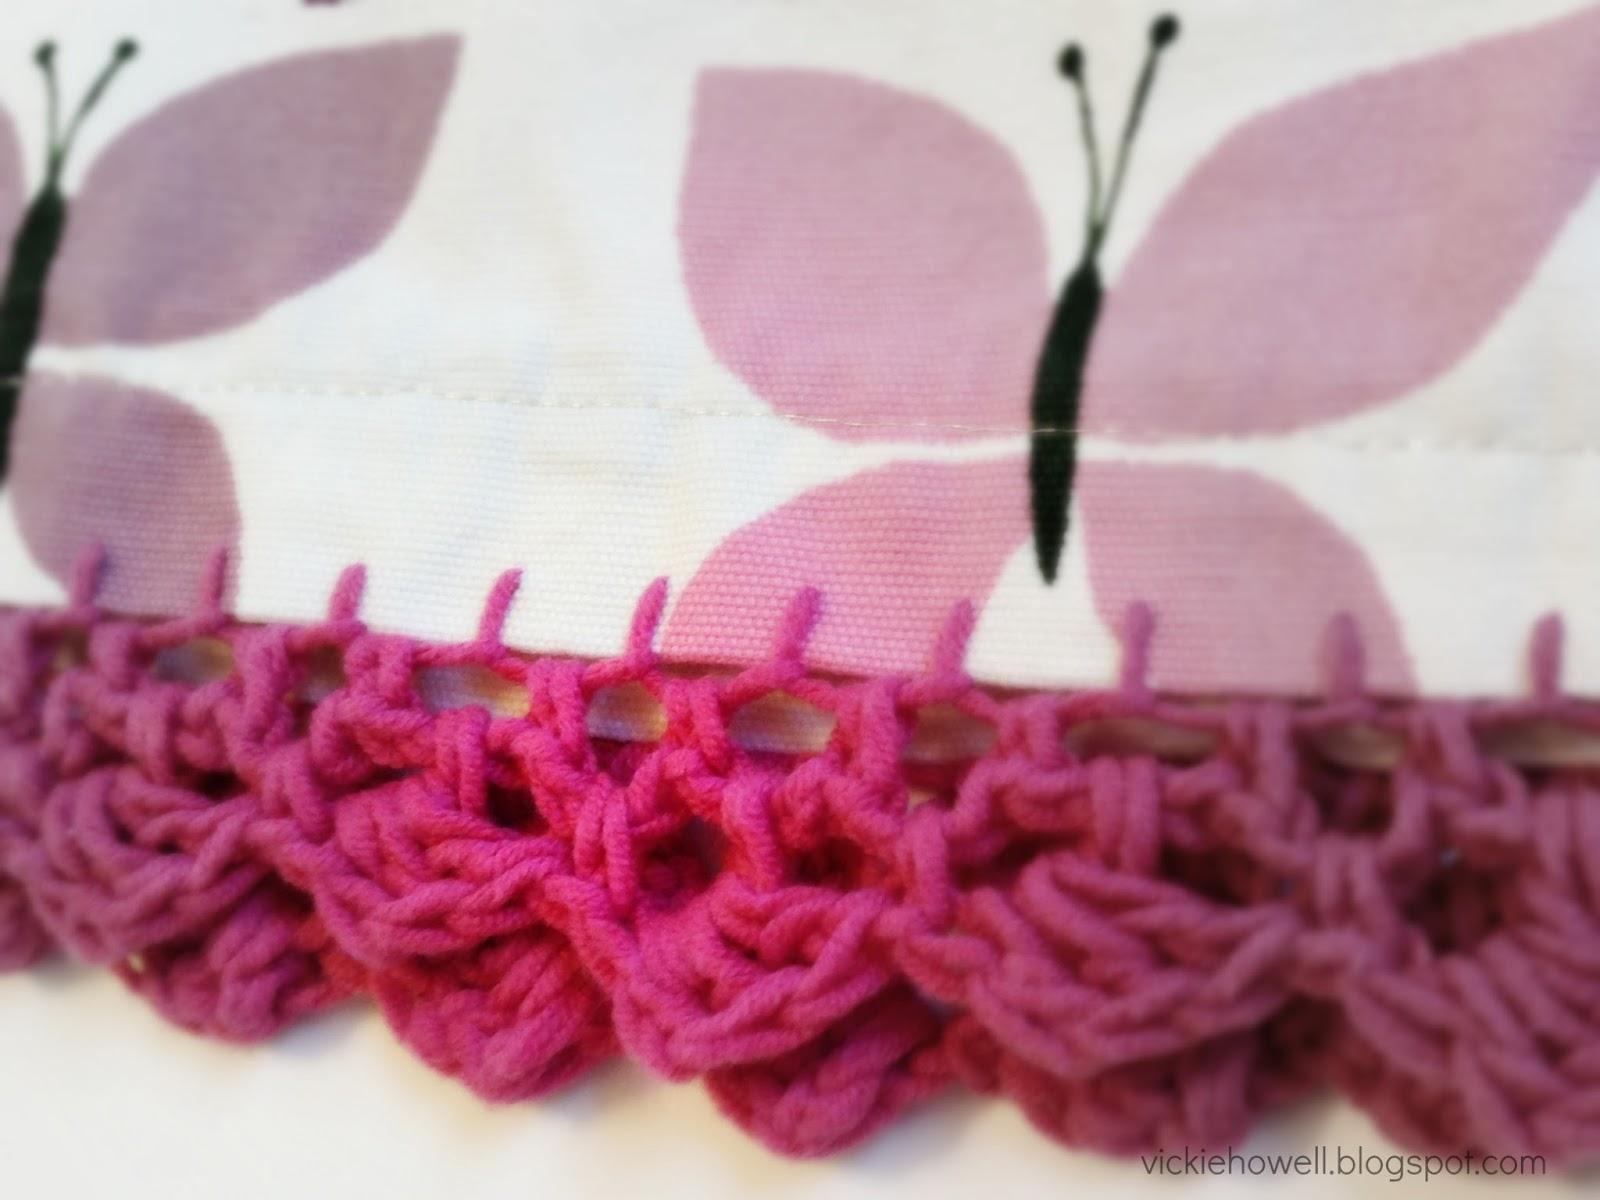 New Free Pattern: Easy Crochet Skirt Edging - Vickie Howell